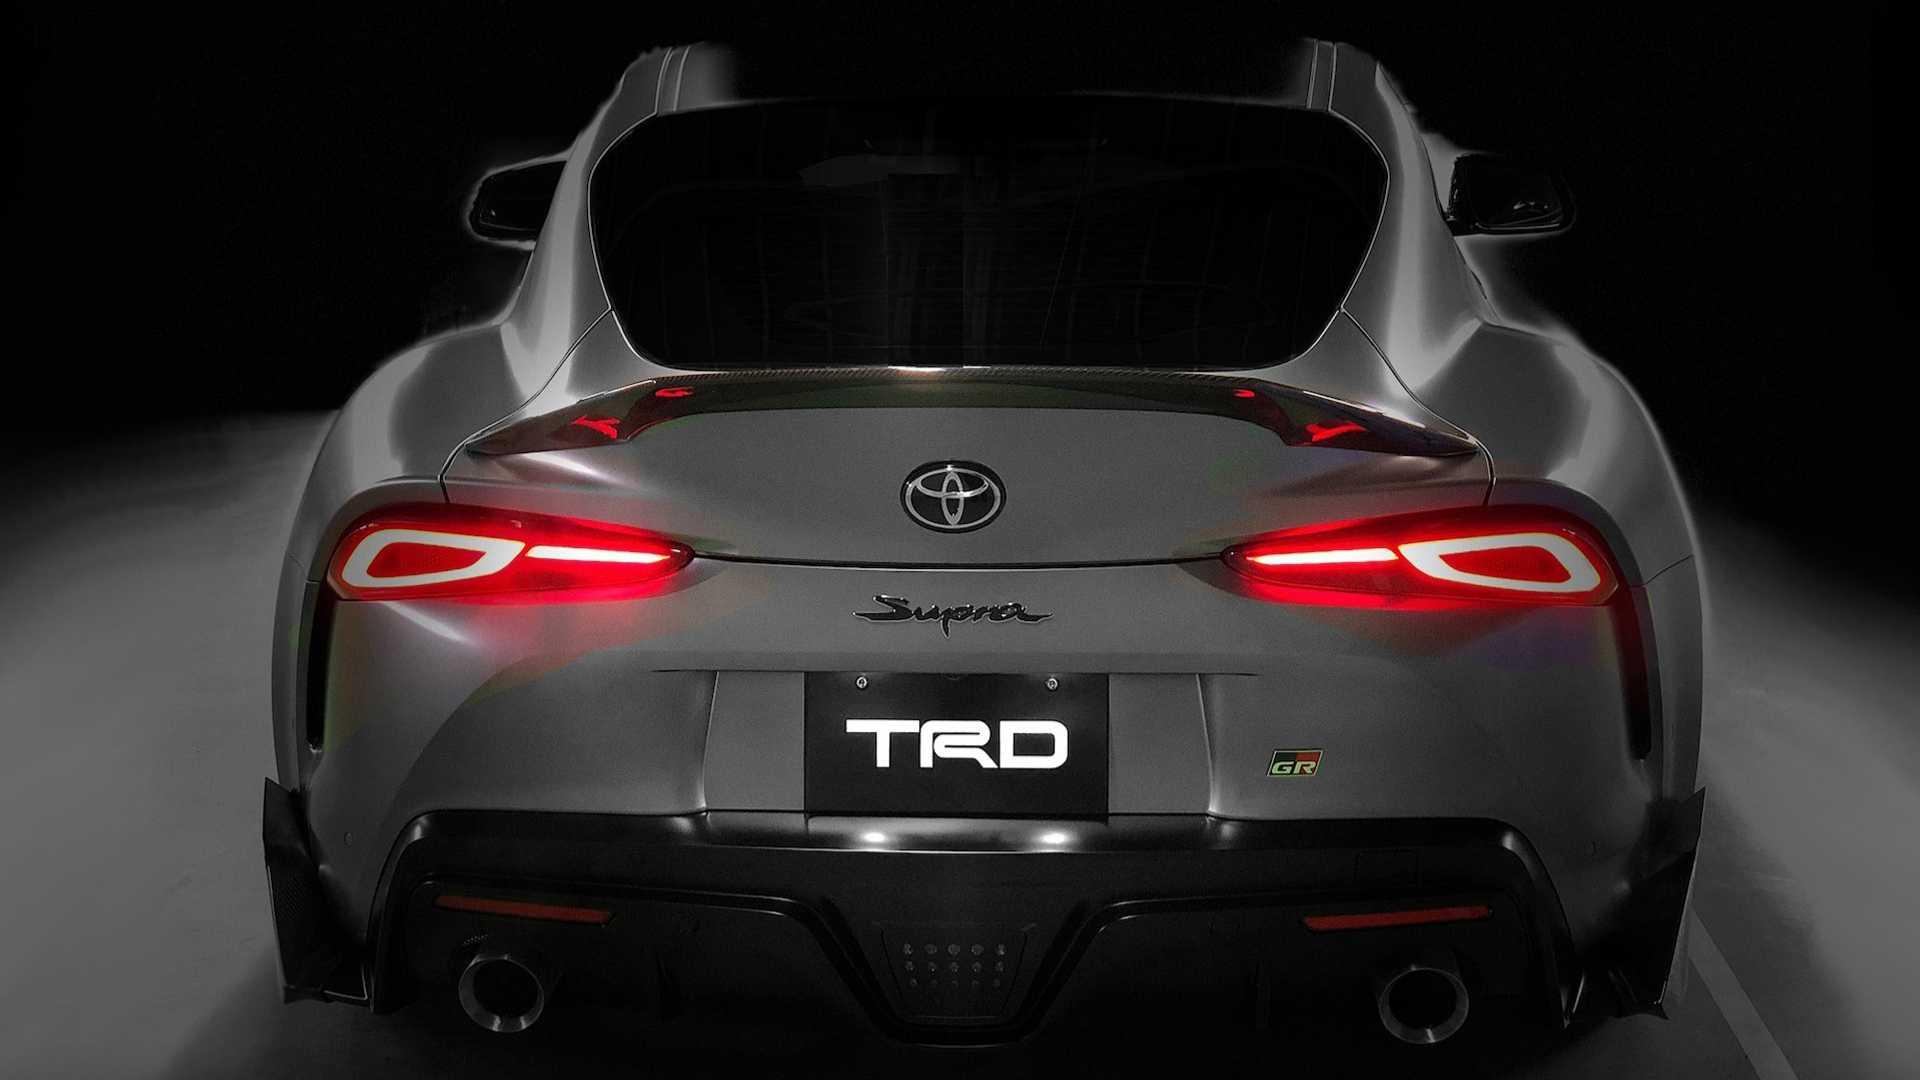 Новая Toyota Supra 2020 получила тюнингованную заряженную версию